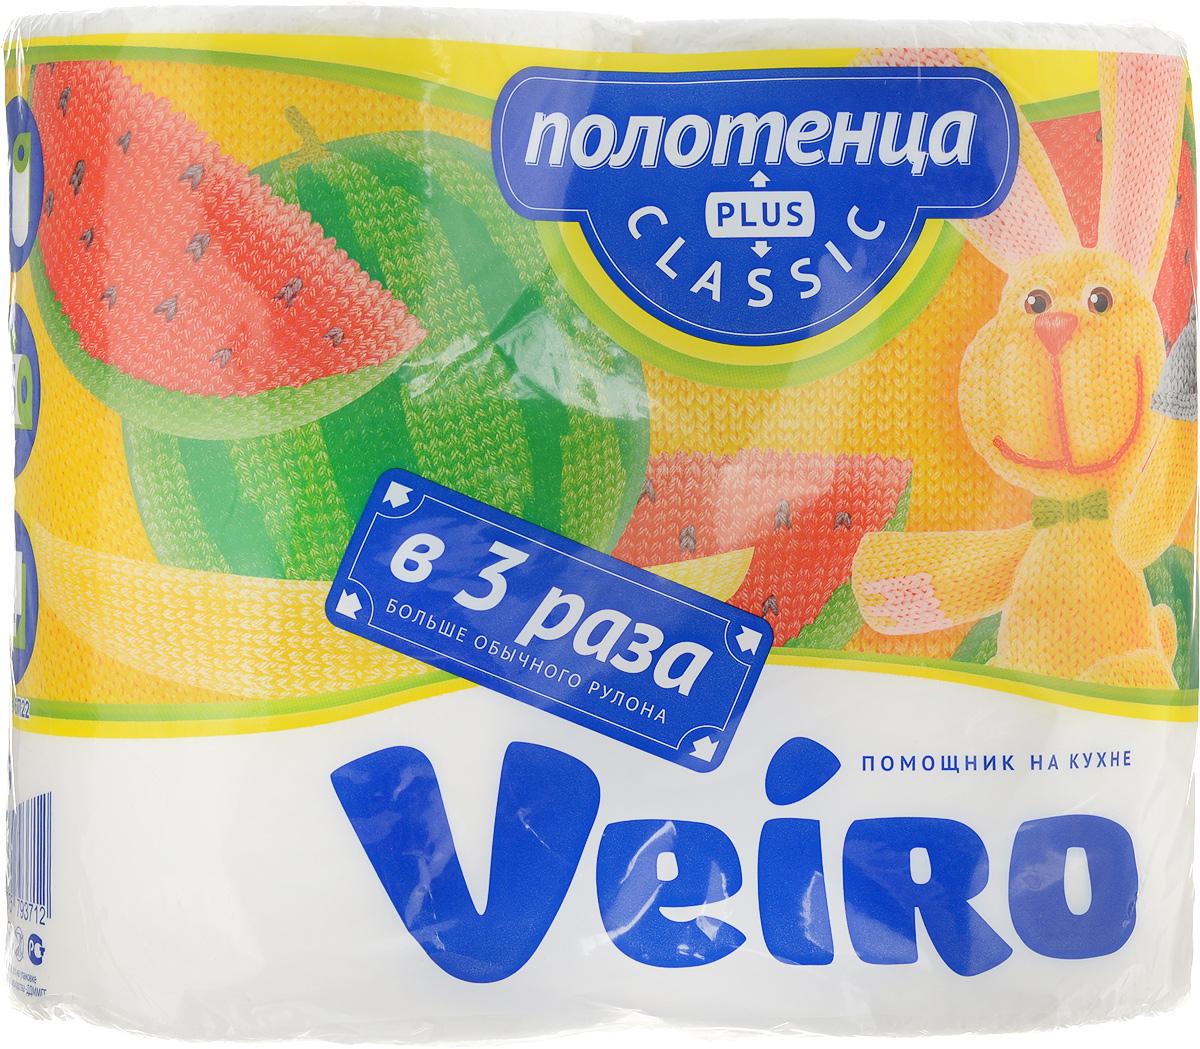 Полотенца бумажные Veiro Classic Plus, двухслойные, 2 рулона6П22Двухслойные бумажные полотенца Veiro Classic Plus, выполненные из вторичного волокна, подарят превосходный комфорт и ощущение чистоты и свежести. Изделия просты в использовании, их нужно просто утилизировать после применения. Специальное тиснение улучшает способность материала впитывать влагу, что позволяет полотенцам еще лучше справляться со своей работой. Салфетки отрываются по специальной перфорации.Полотенца Veiro Classic Plus прекрасно подойдут для использования на вашей кухне. Количество рулонов: 2 шт. Количество слоев: 2. Длина рулона: 37,5 м.Размер листа: 22 х 25 см.